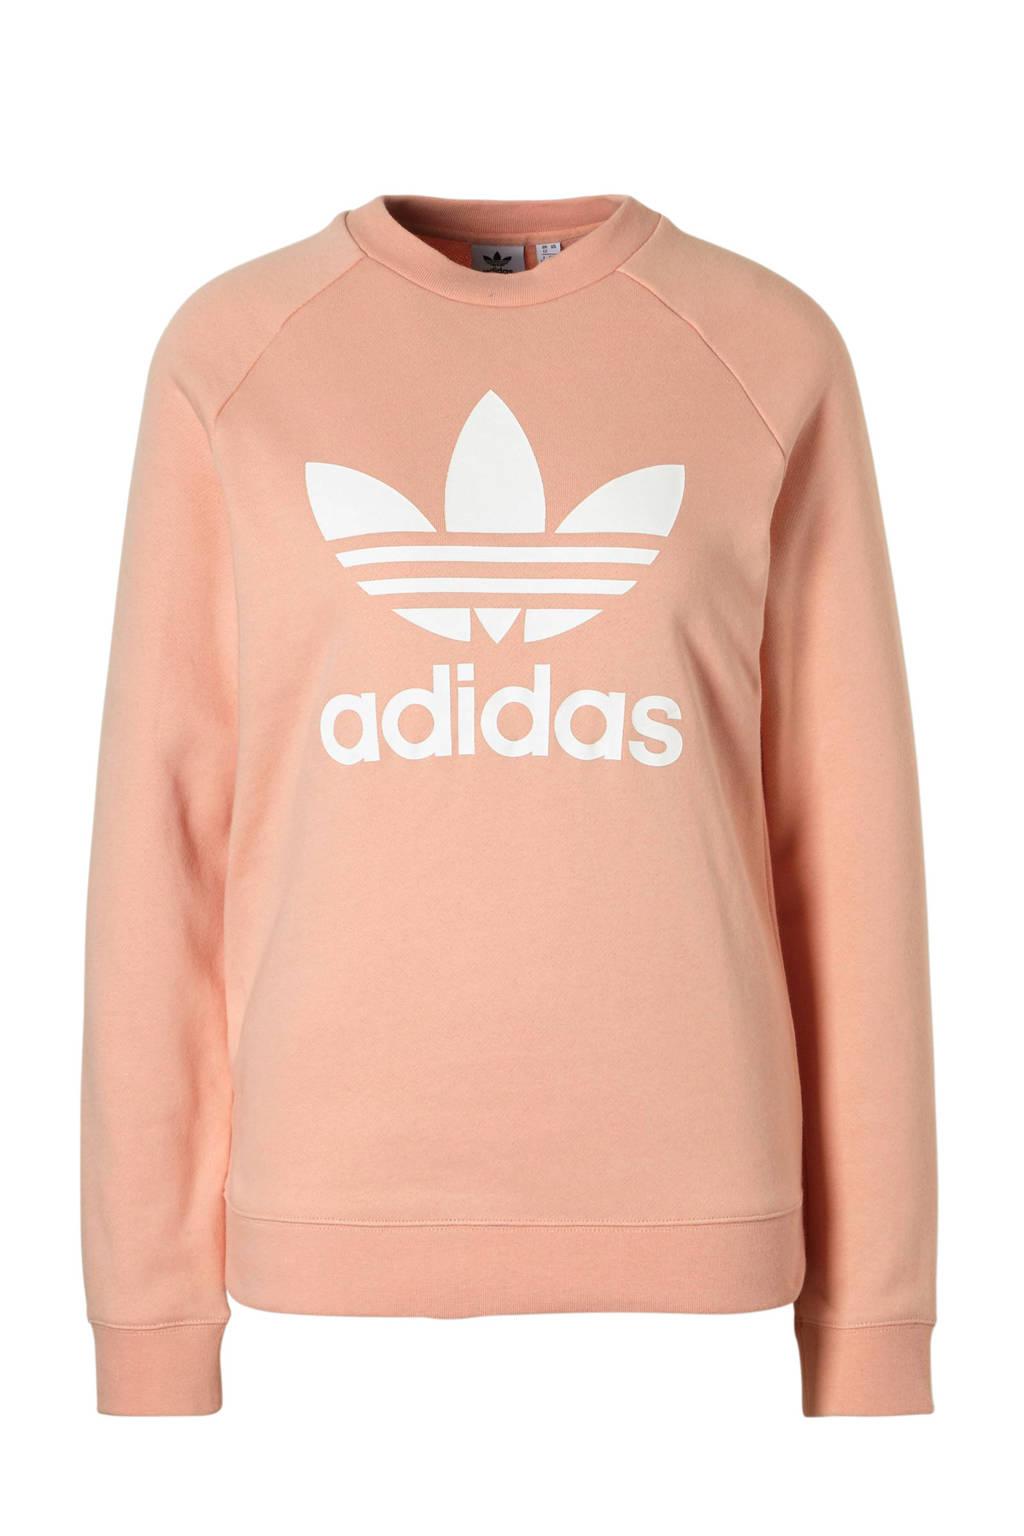 adidas originals sweater zalmroze, Zalmroze